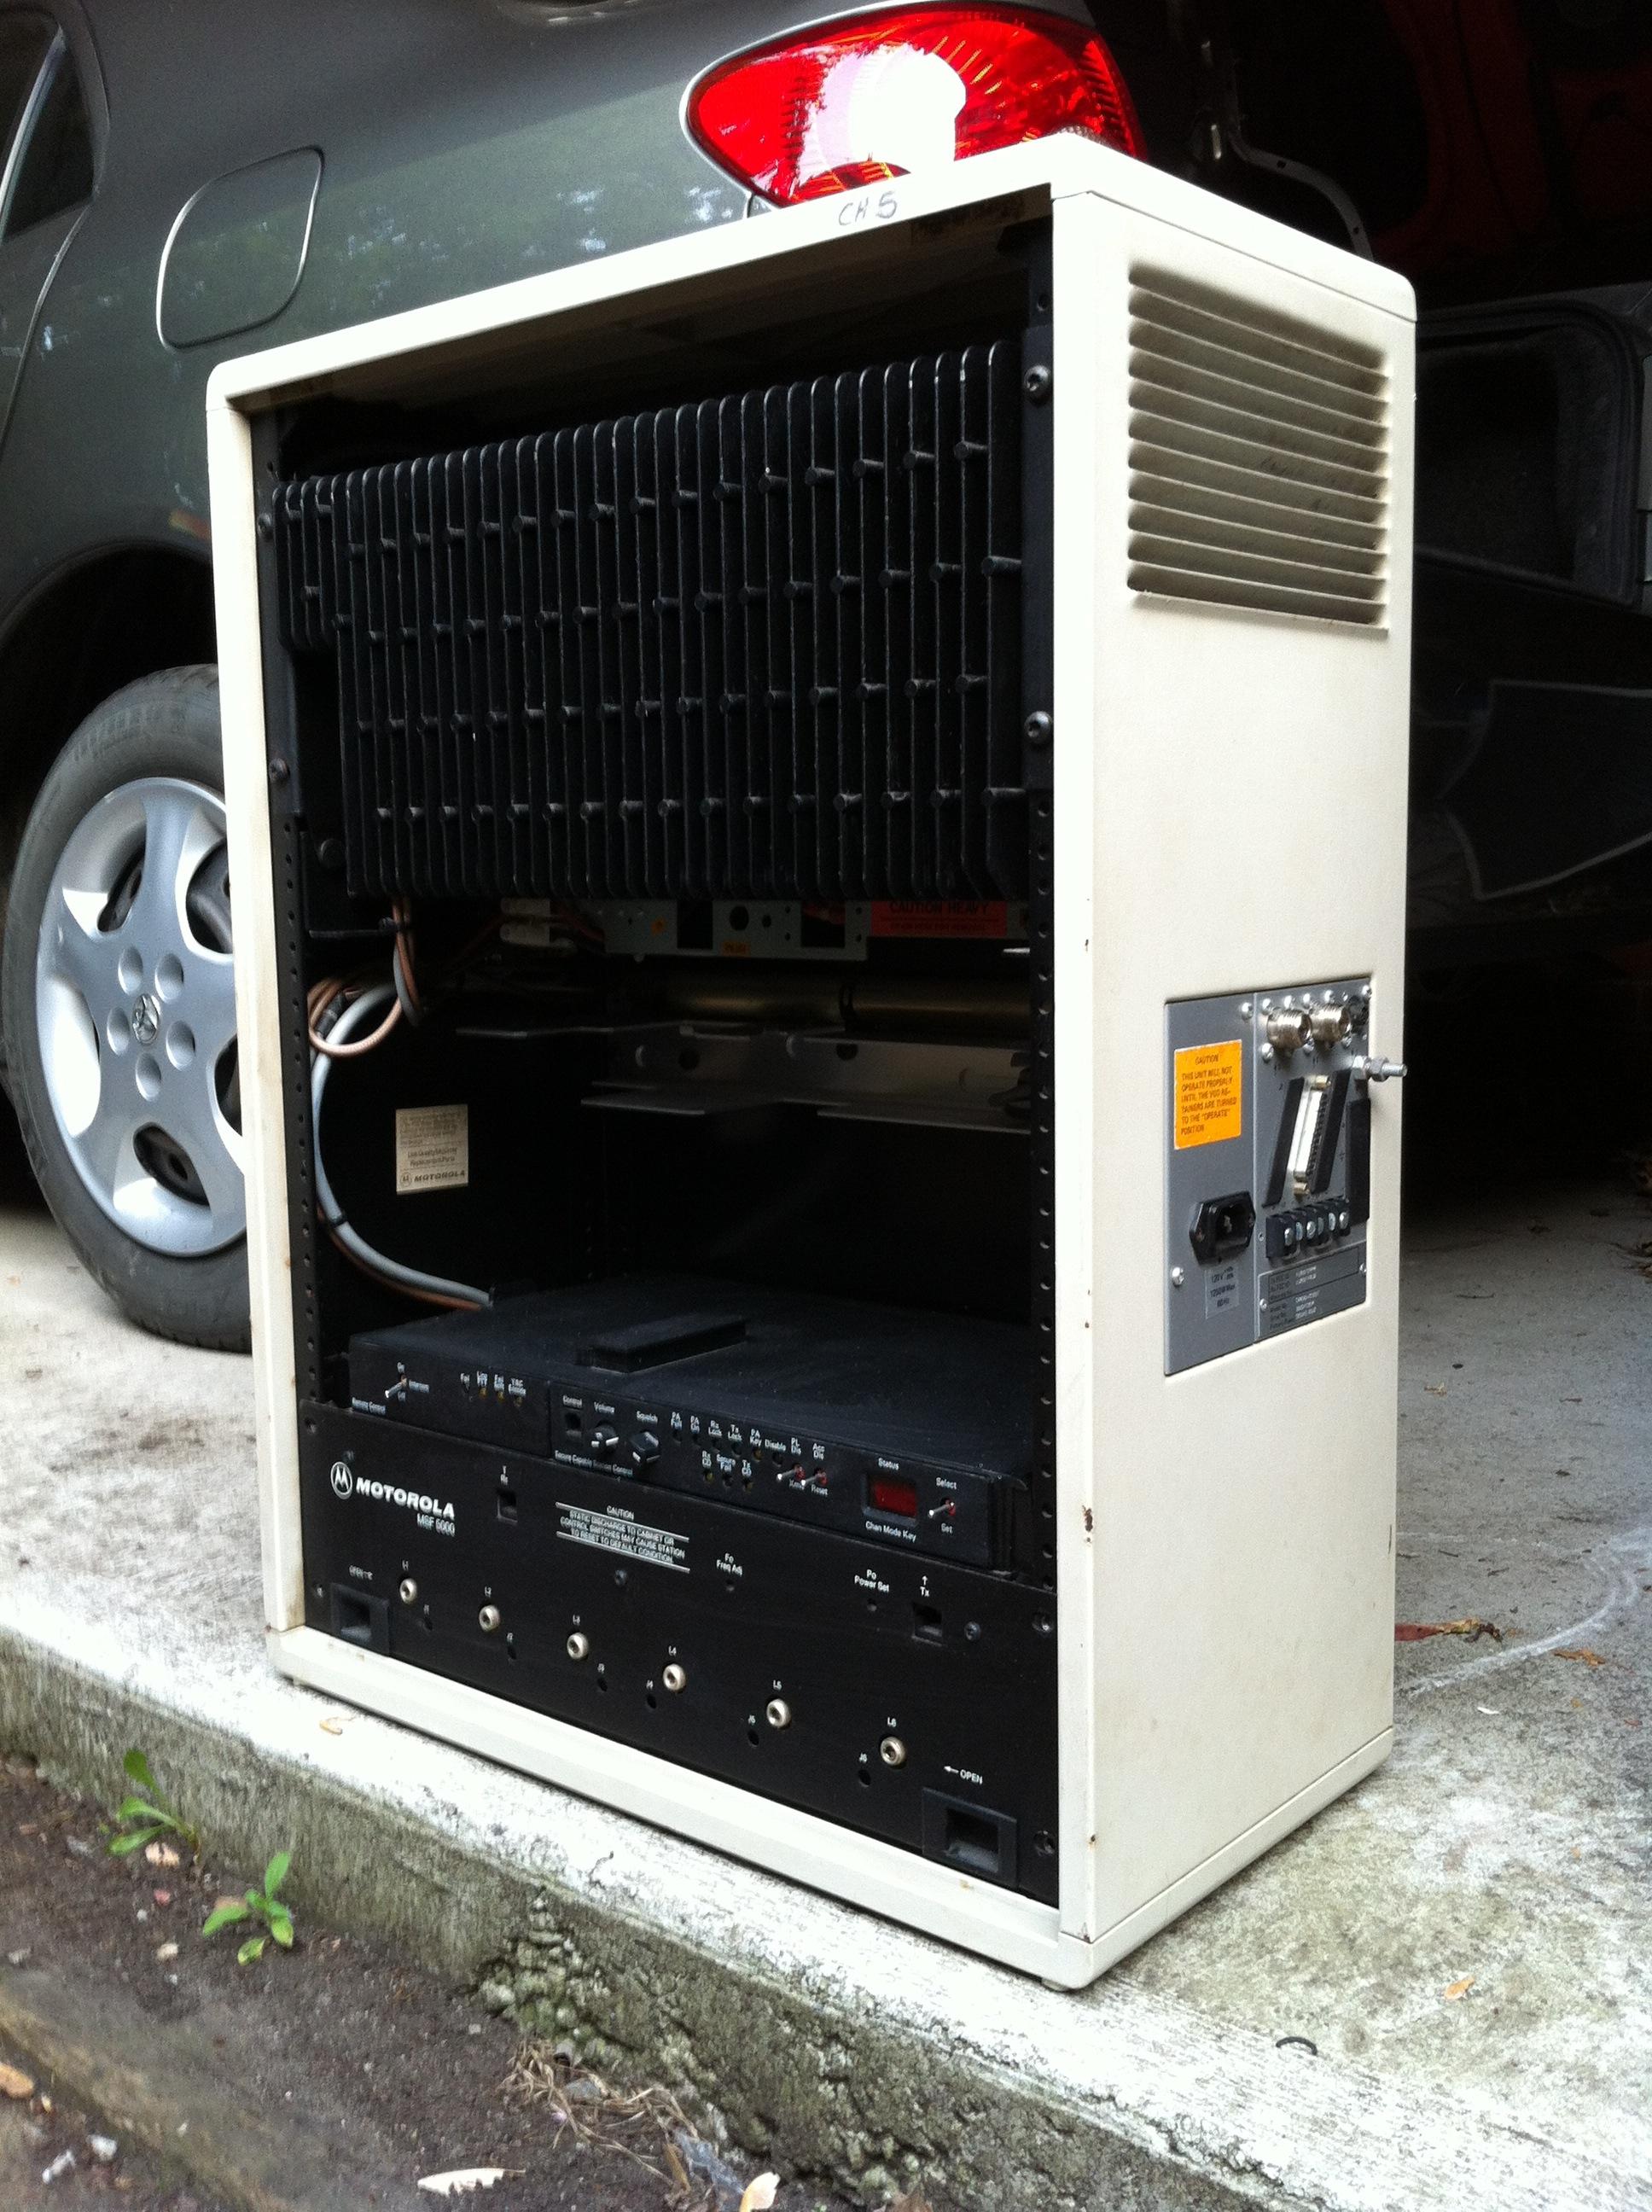 VA3XPR VA3XFT amateur radio repeater MSF5000 Toronto ham IRLP echolink UHF